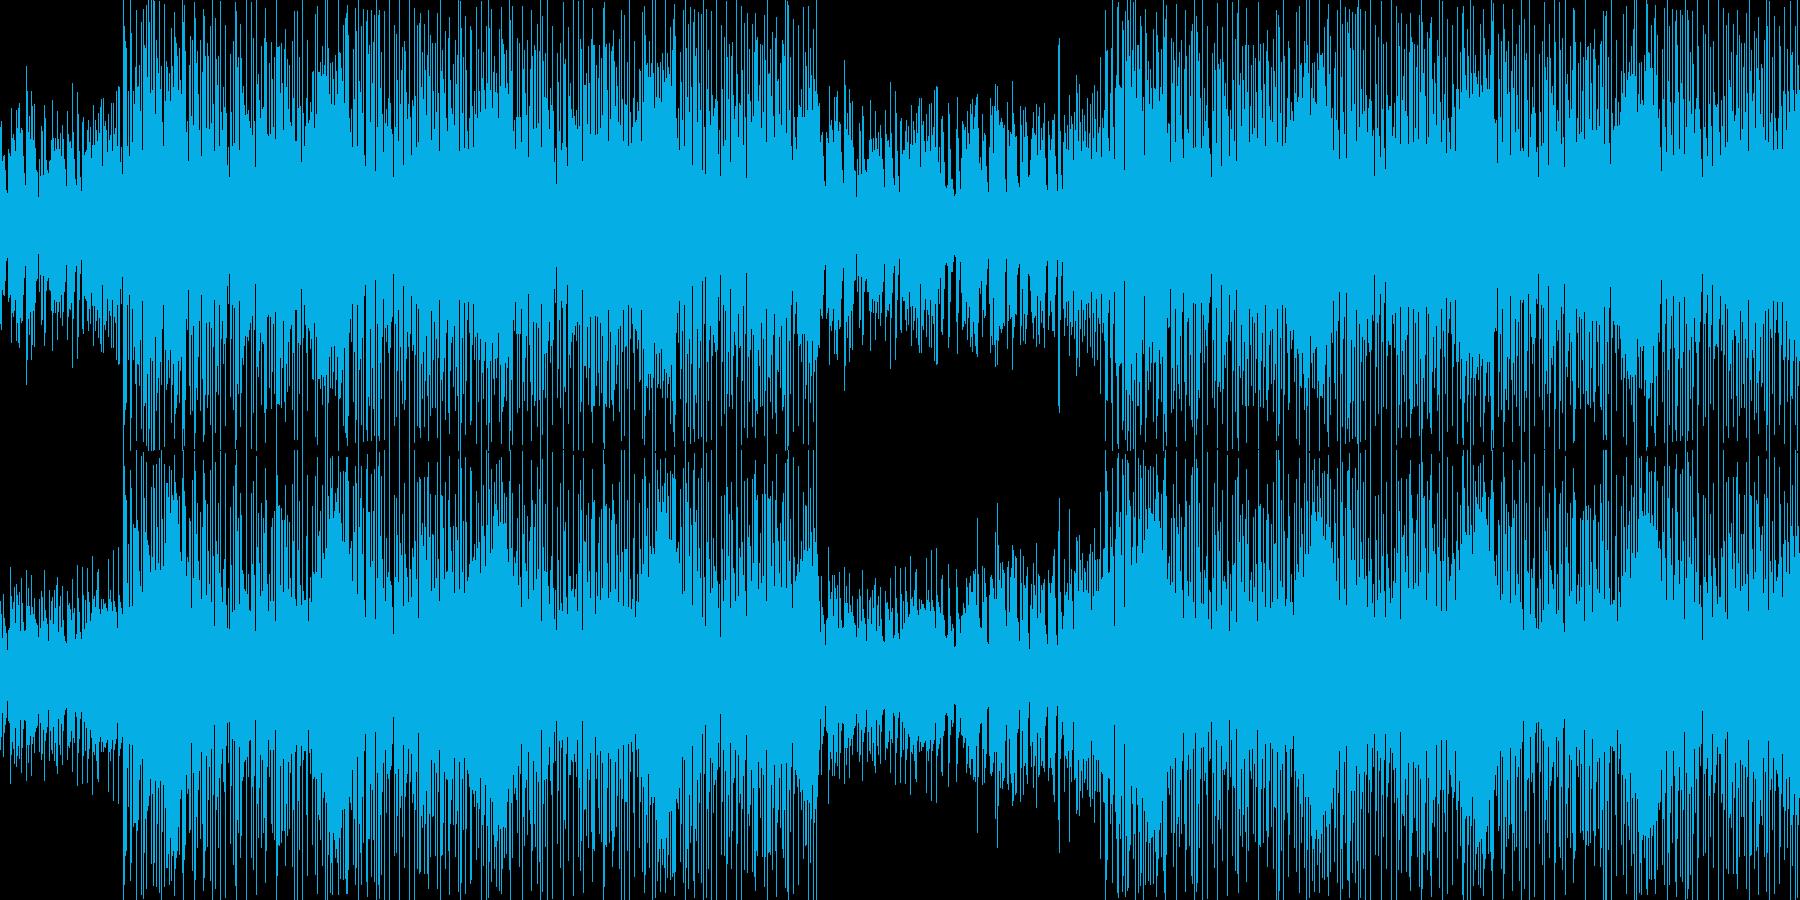 【ダークな雰囲気、ピアノロック・戦闘】の再生済みの波形